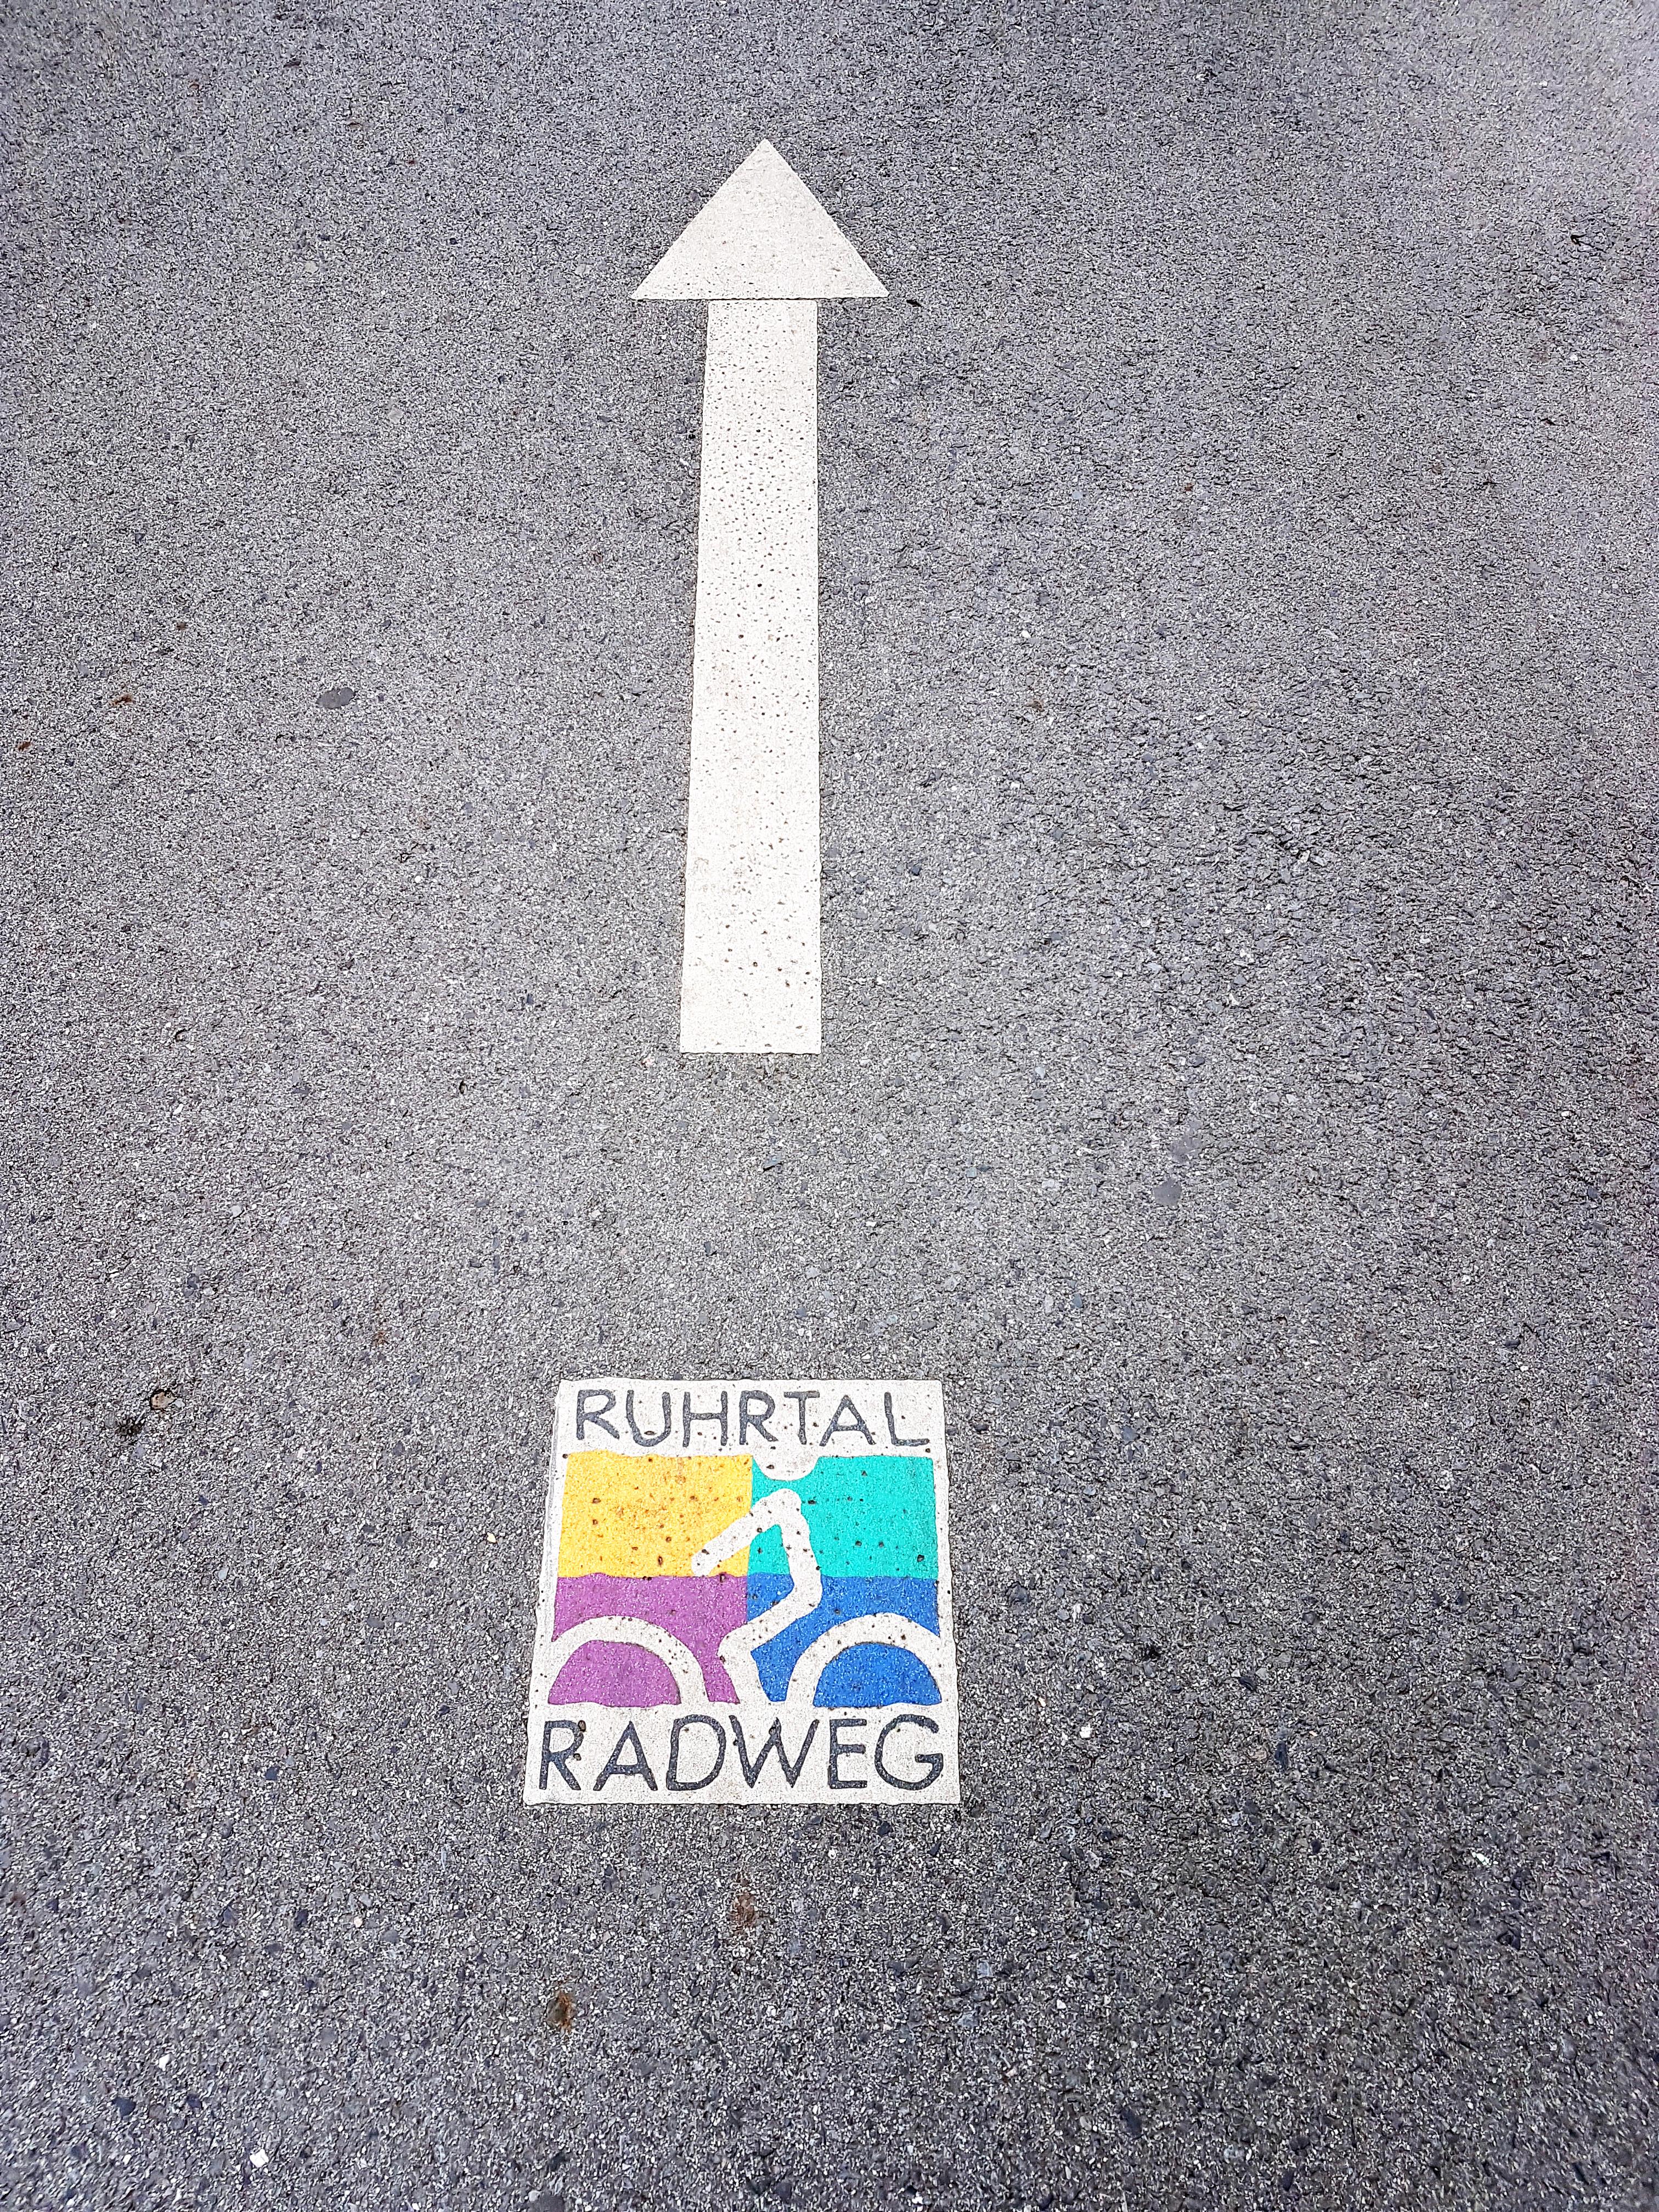 Das Bild zeigt ein Streckenhinweis des RuhrtalRadwegs auf dem Asphalt